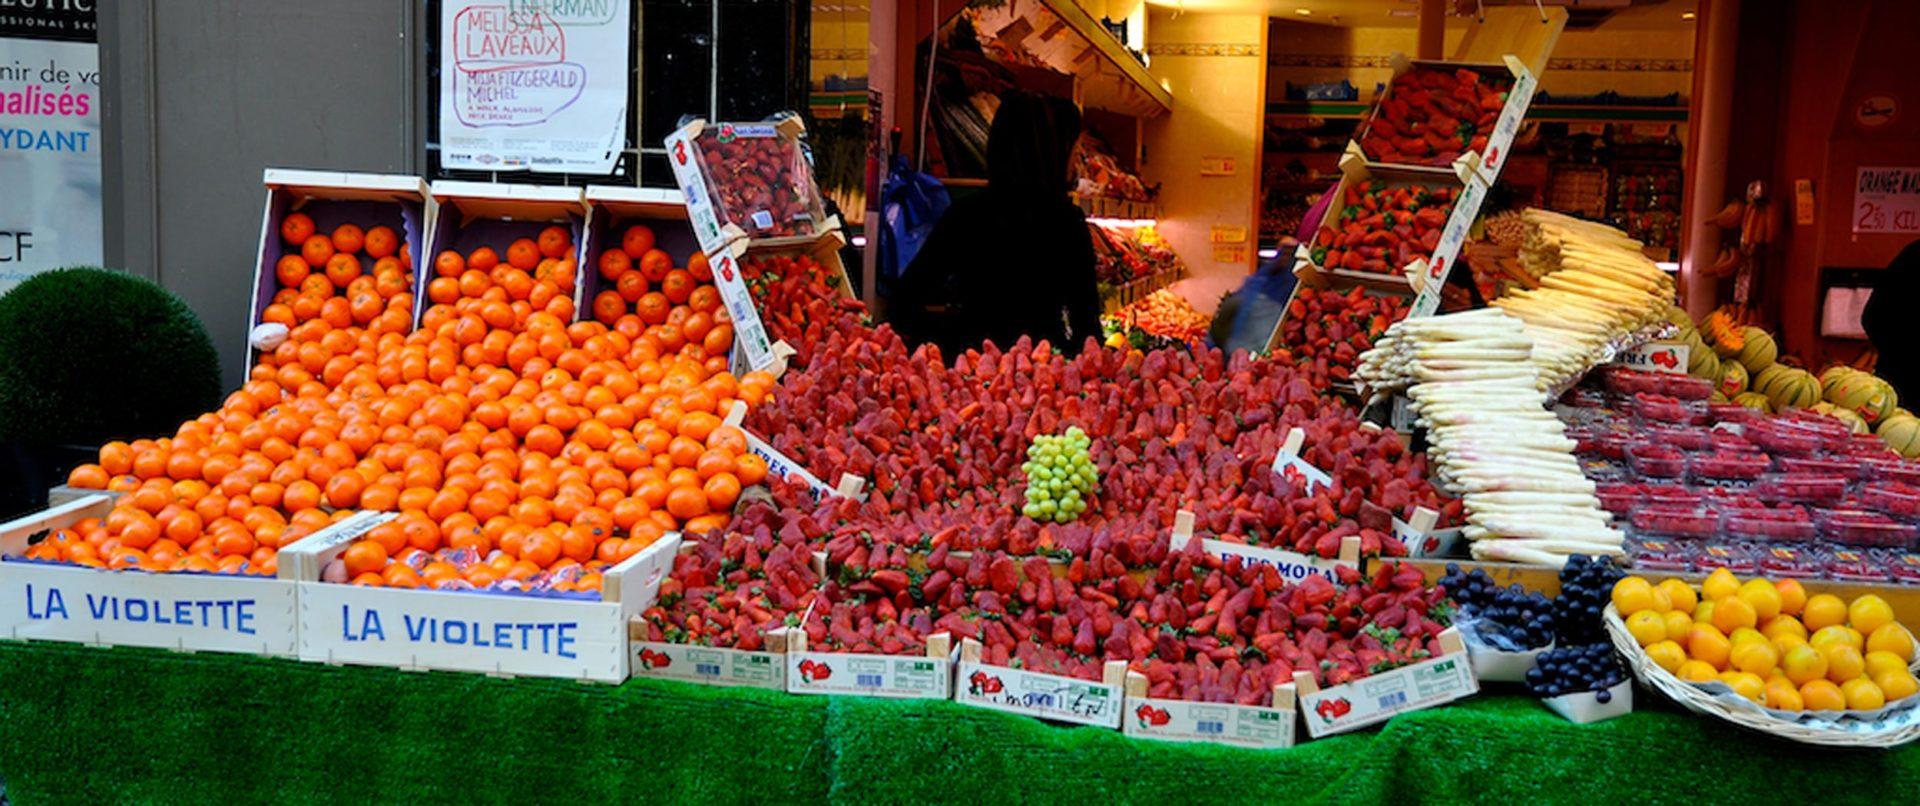 food-tour-paris-kids-teens-local-fruits